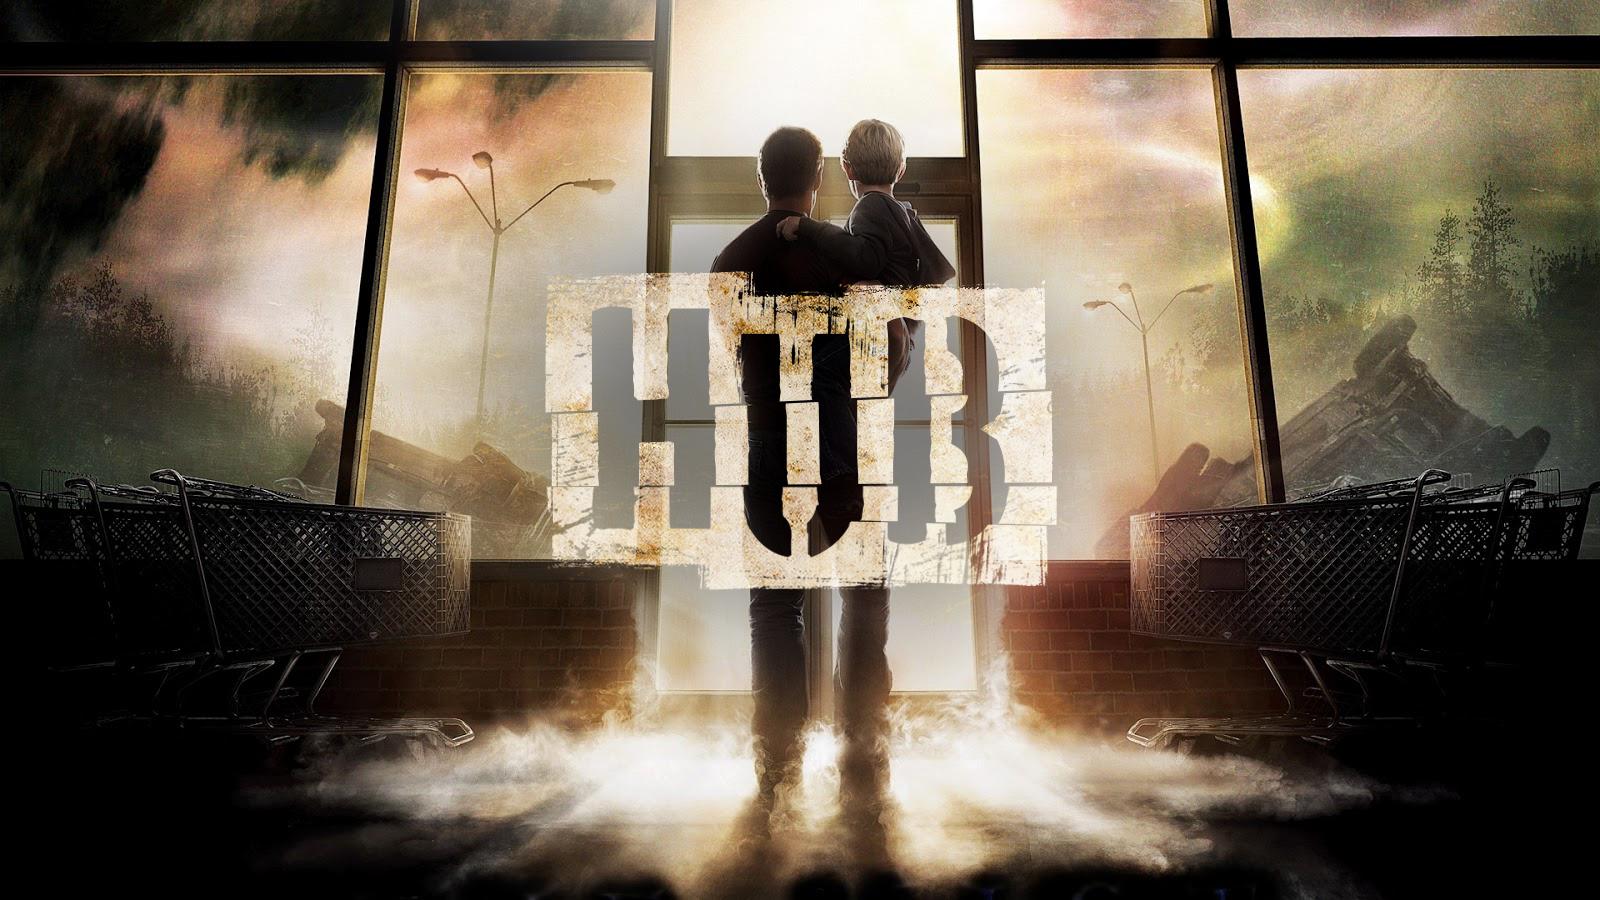 HUB #2 – The Mist